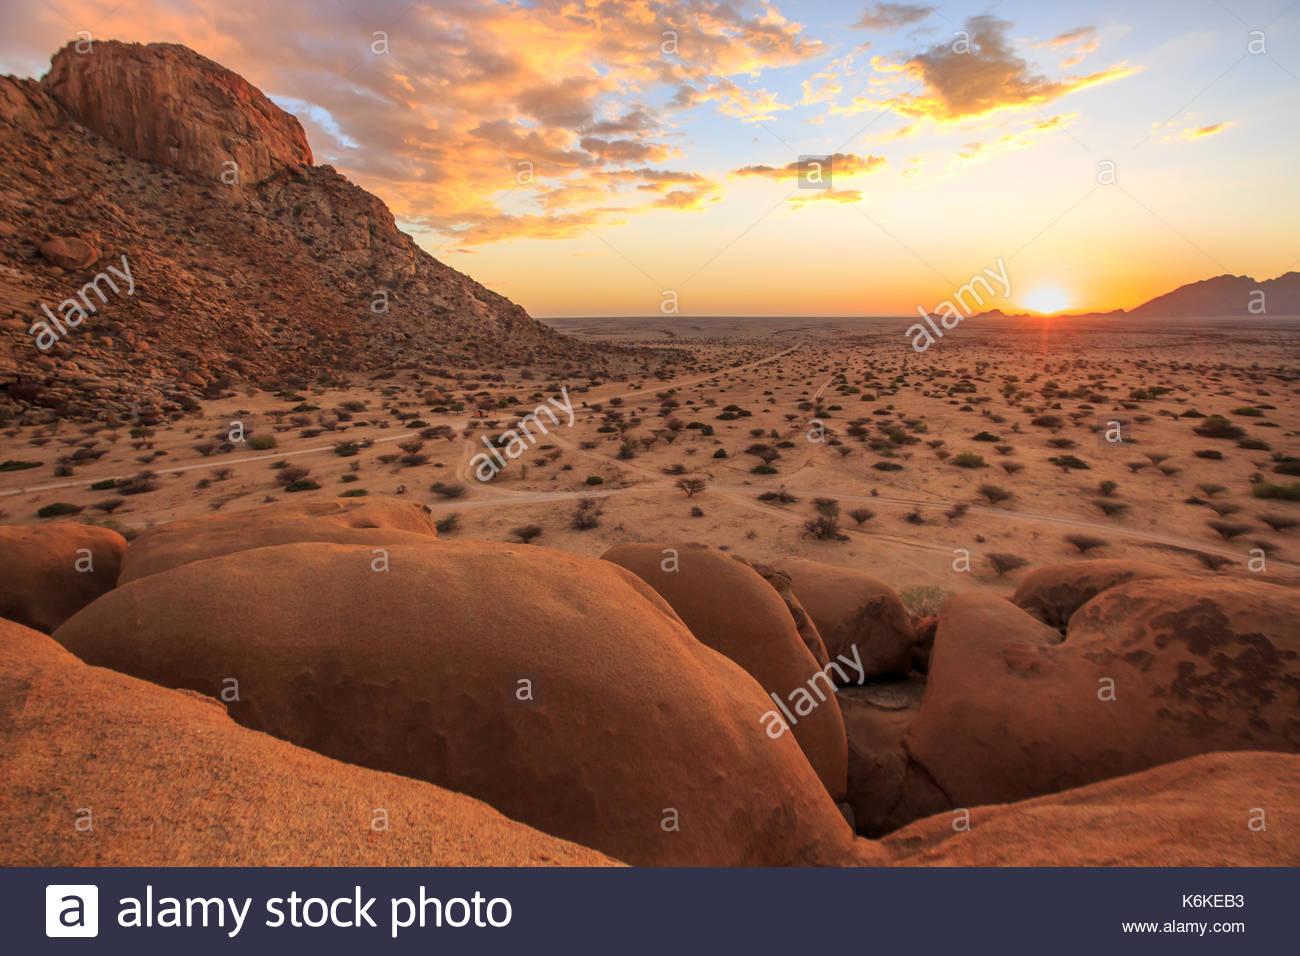 Spitzkoppe, Damaraland, Namibia - Stock Image